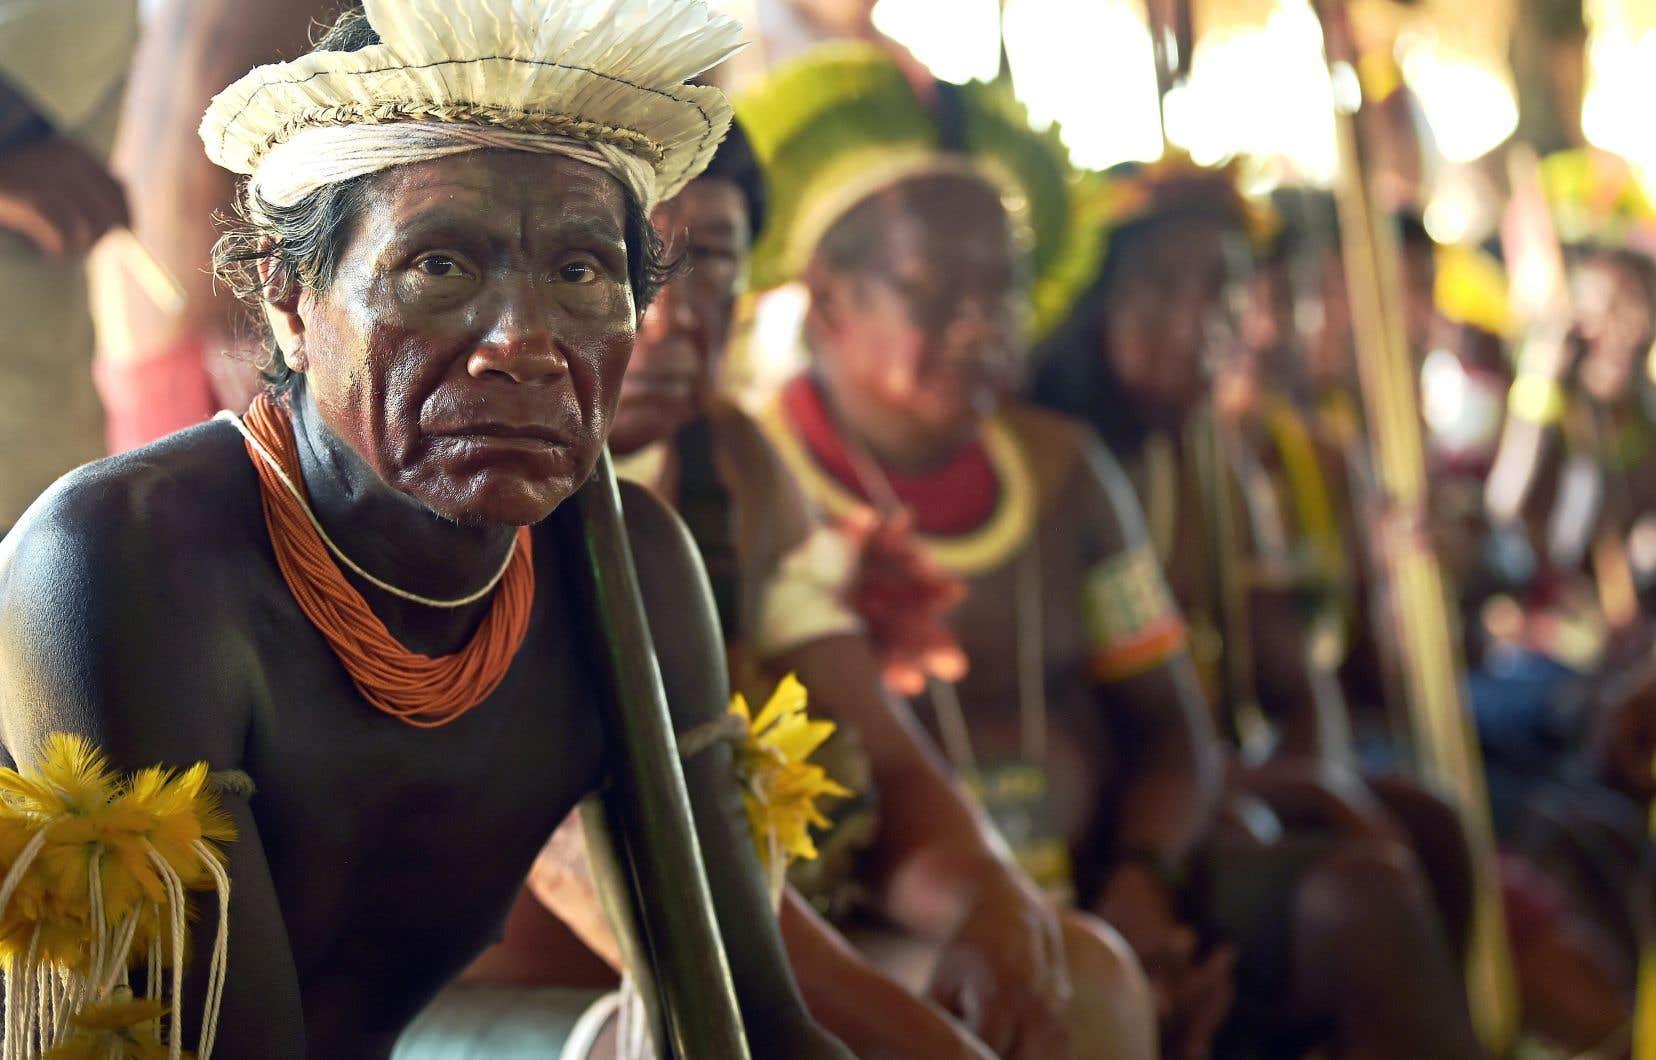 Les leaders indigènes s'opposent à la politique environnementale du président brésilien qui veut autoriser prochainement l'exploration pétrolière sur les territoires réservés aux autochtones.